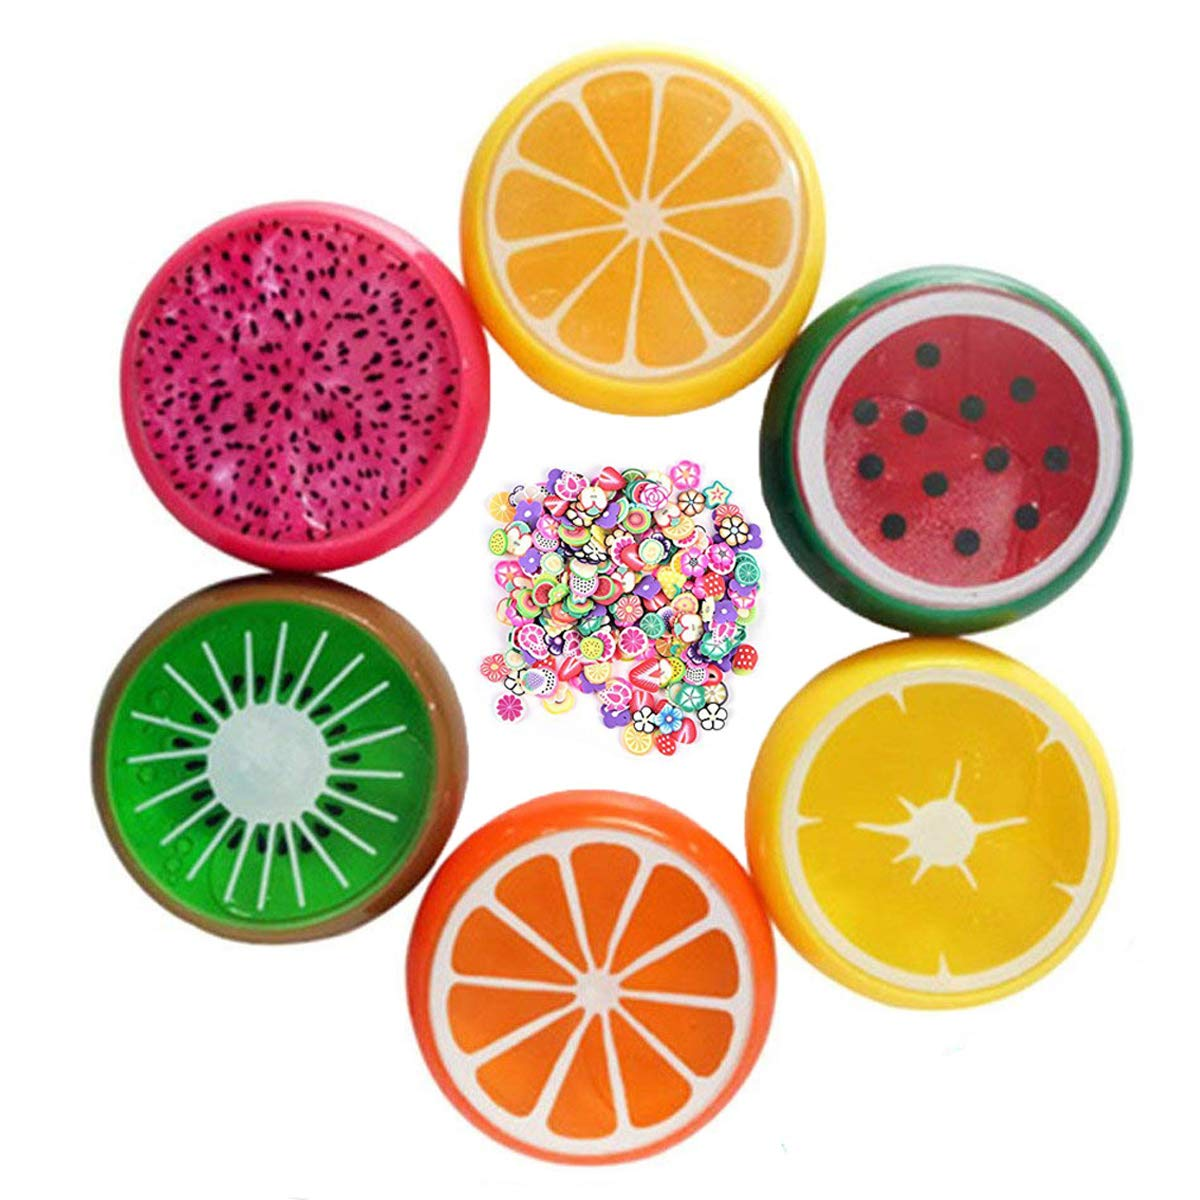 slime fruit slices.jpg